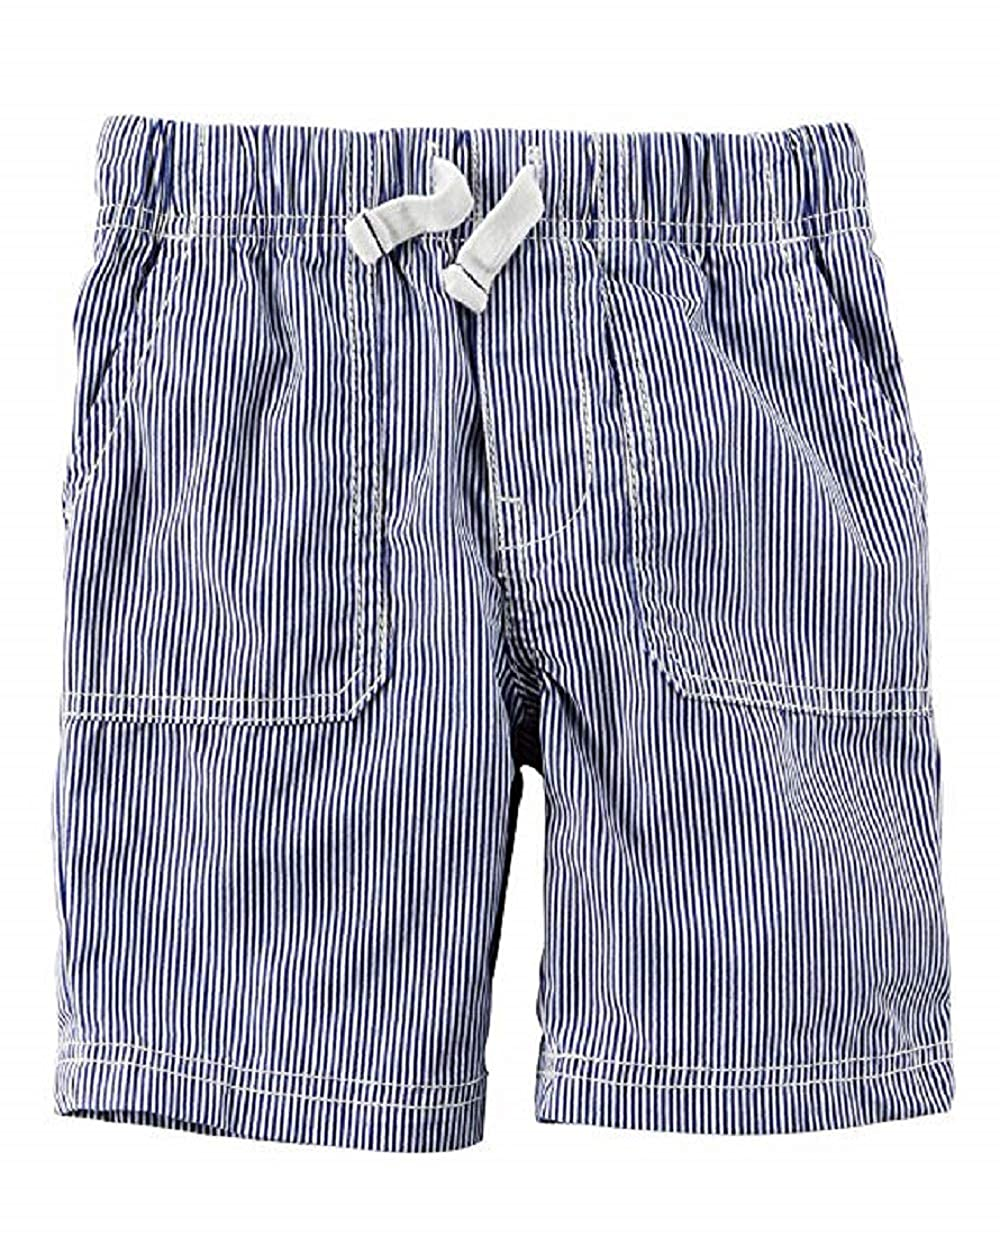 4-Kids Carters Little Boys Pull-On Striped Poplin Shorts